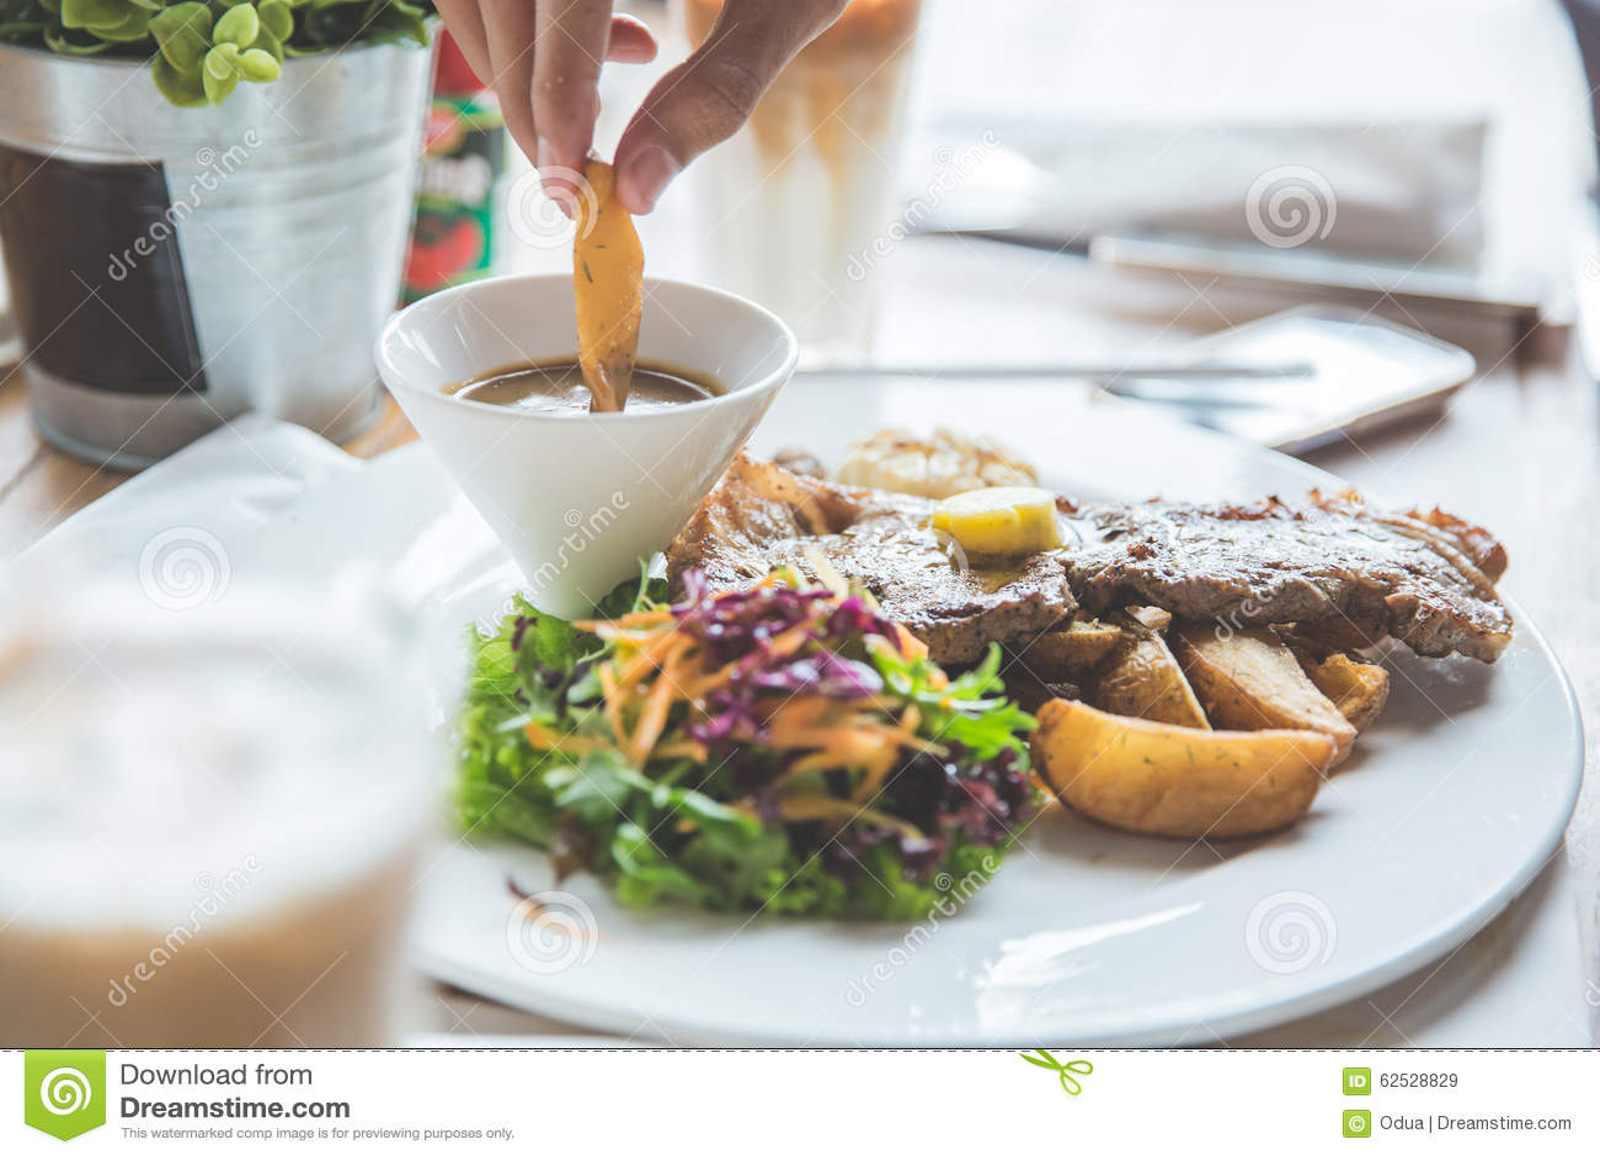 发牢骚格栅牛排用沙拉和油煎的土豆楔子